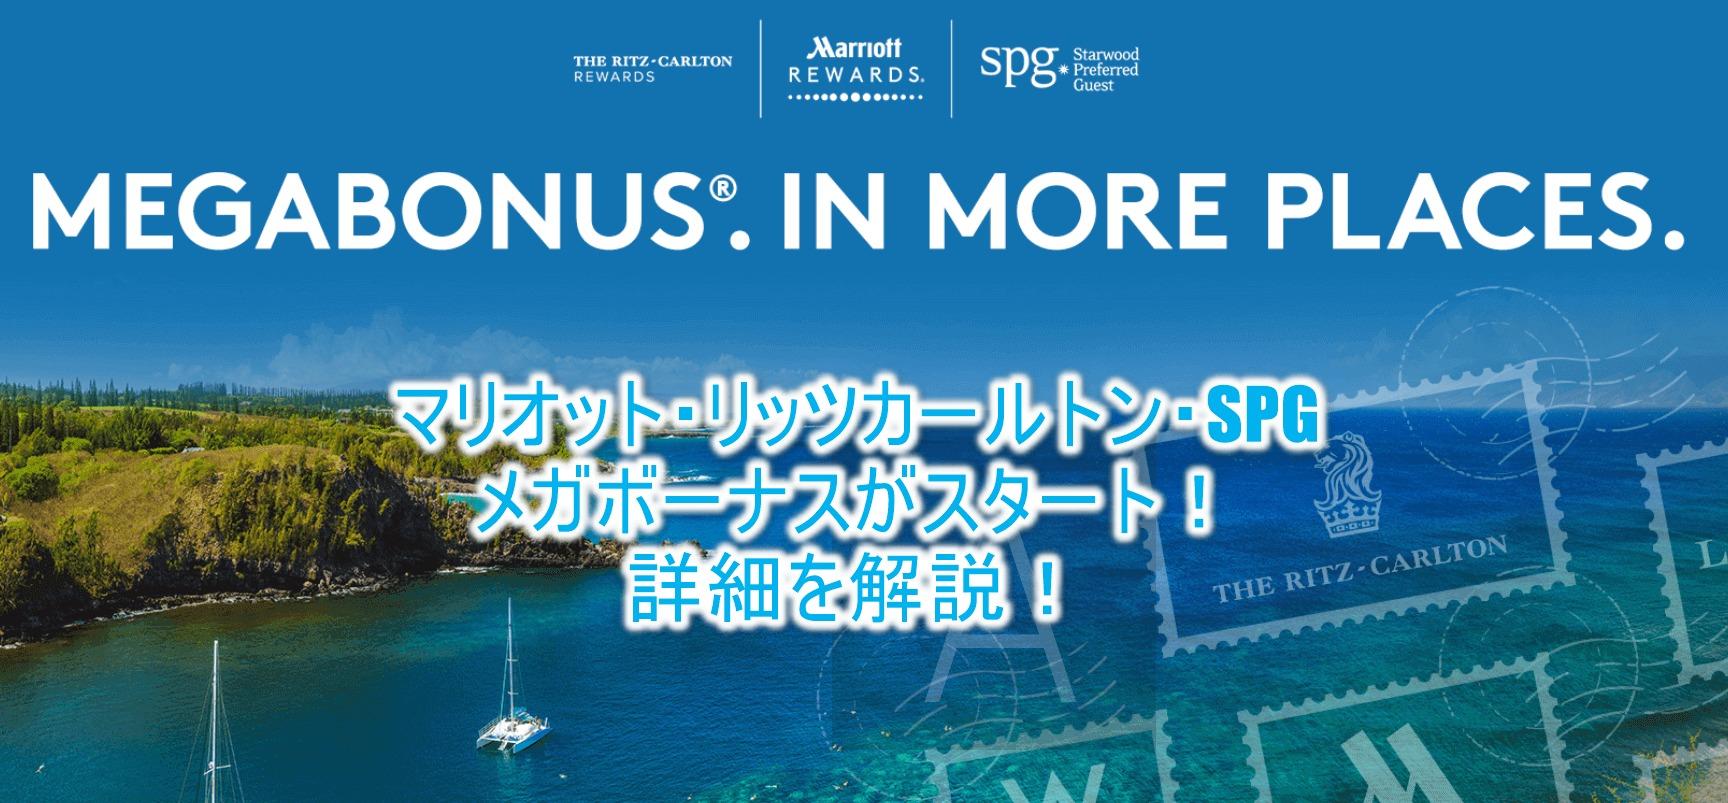 2018年9月最新!マリオット・リッツカールトン・SPGのメガボーナス(Mega Bonus)!